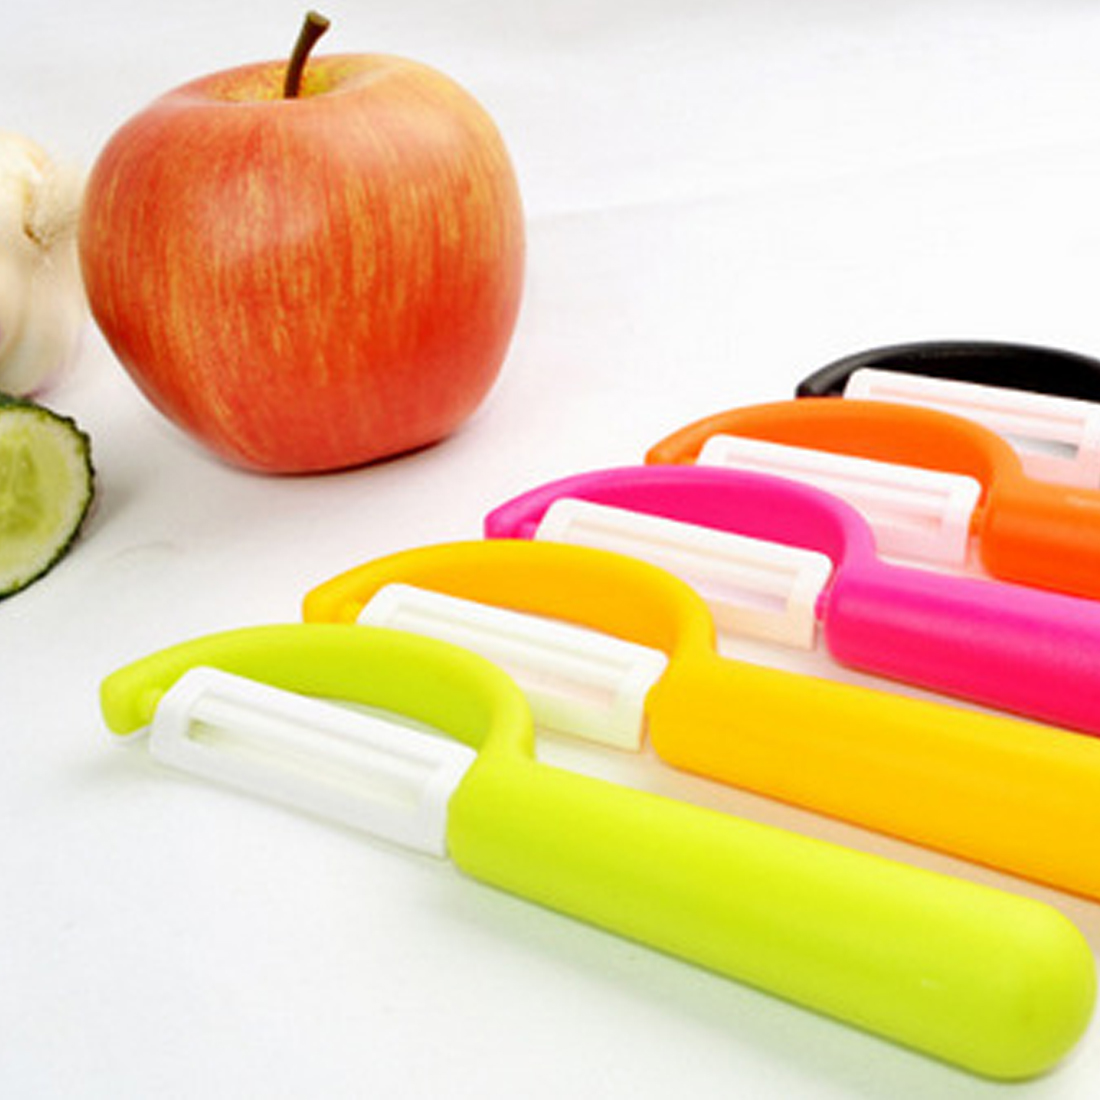 Utensilios de cocina prácticos de cerámica de Zirconia, pelador de frutas y verduras, cuchillo de cocina, pelador de patatas, pelador de colores al azar